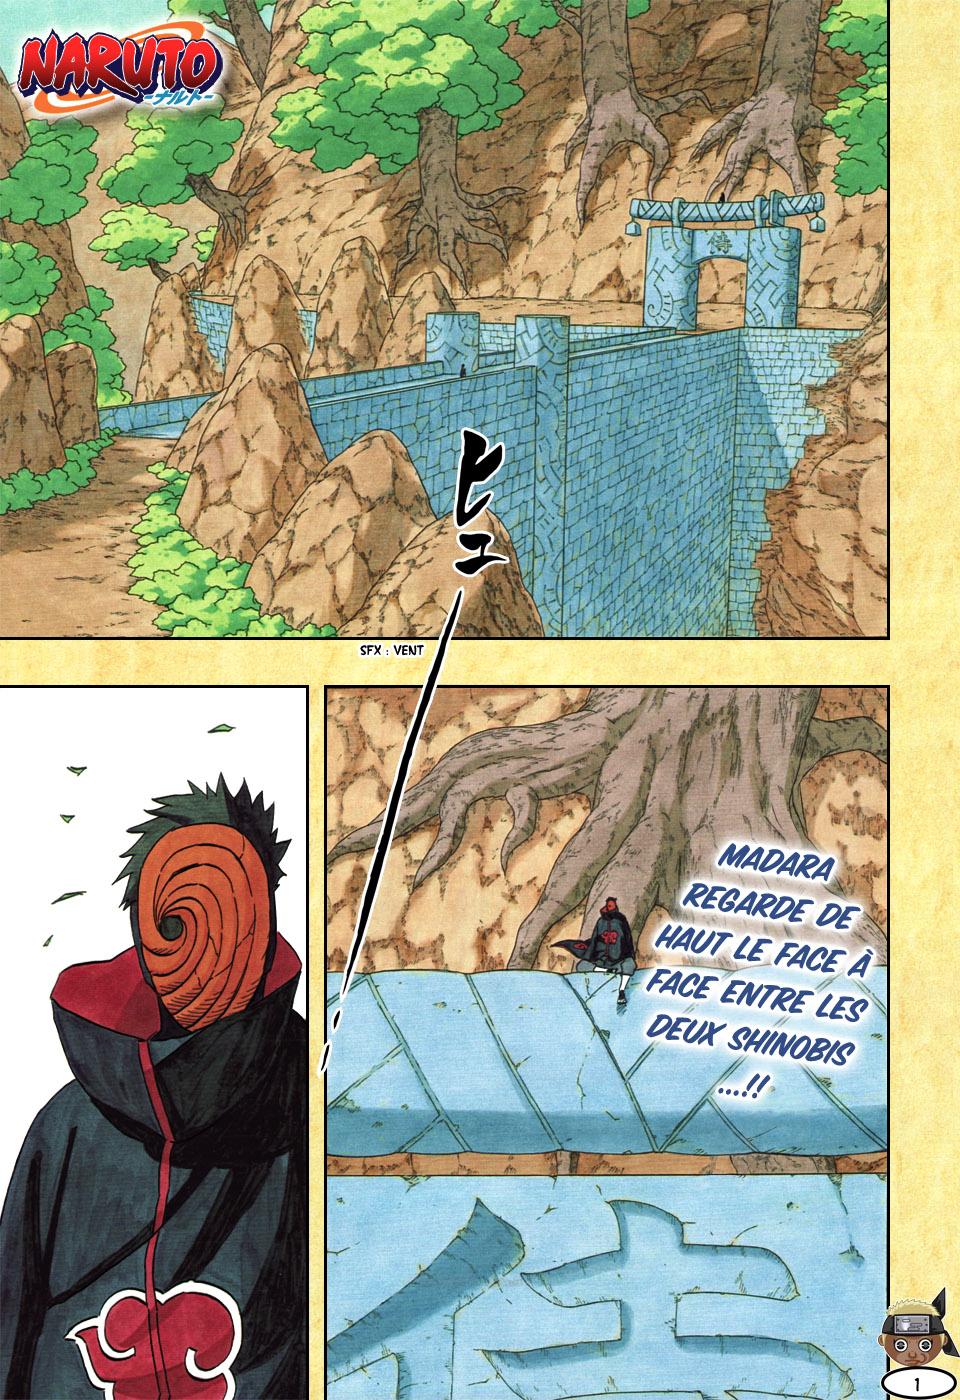 Naruto chapitre 476 - Page 1